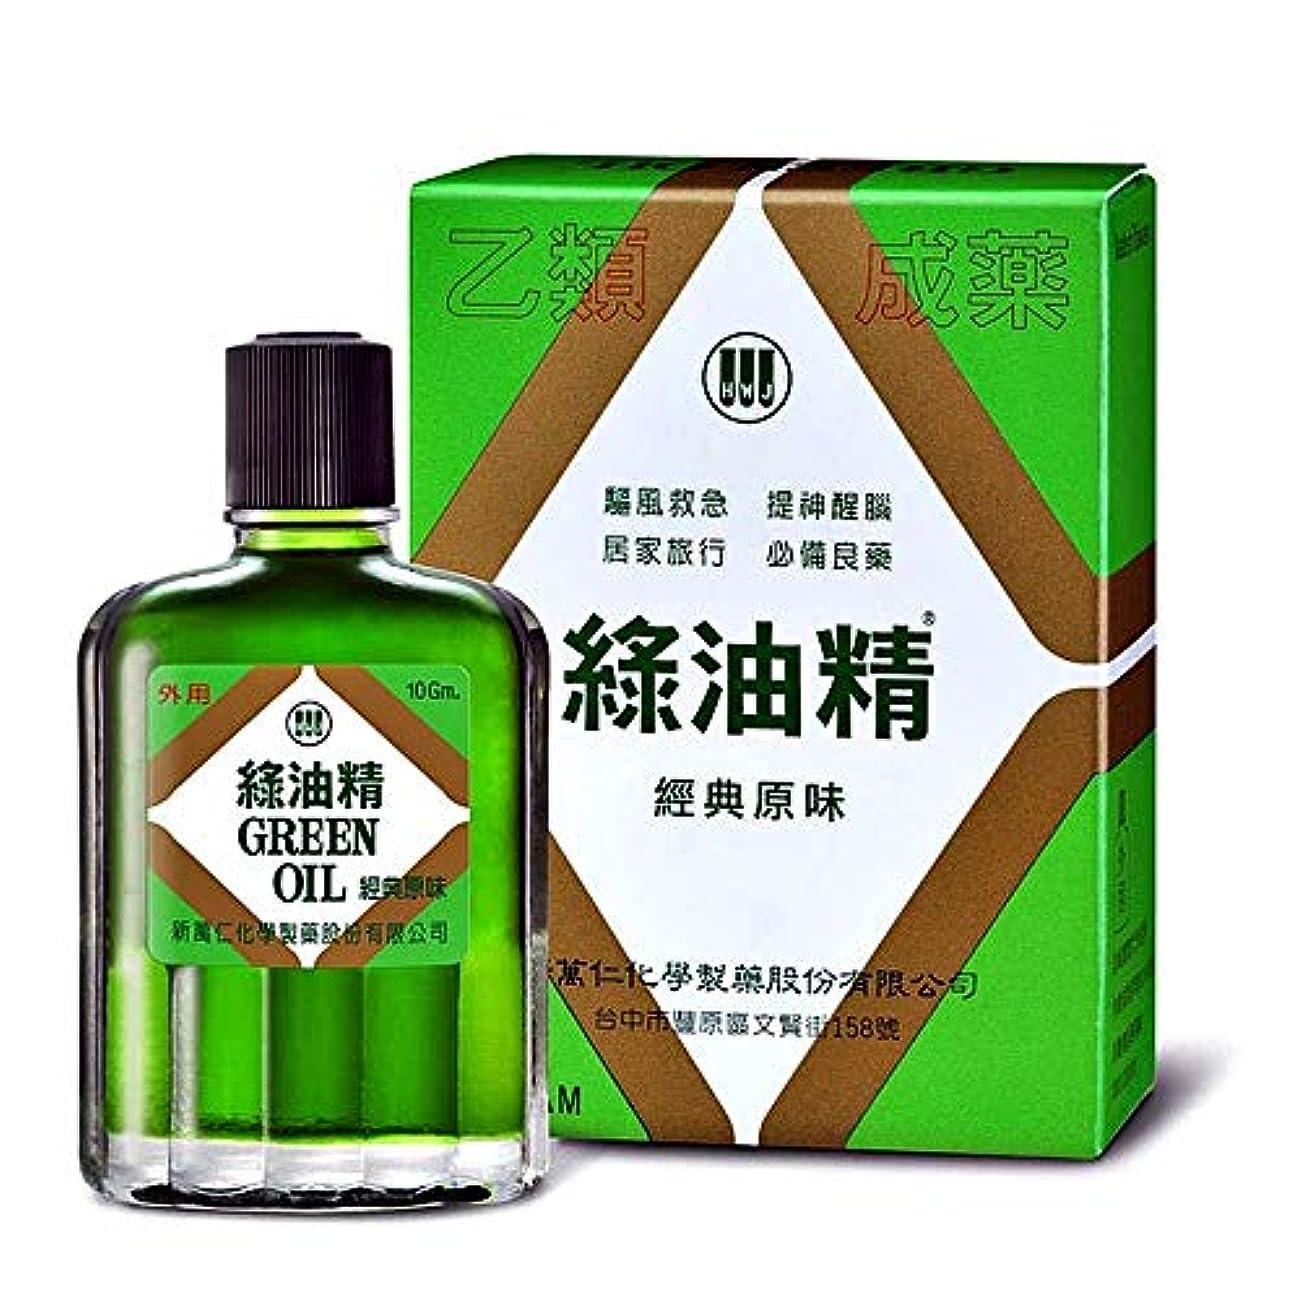 普通の兄兄《新萬仁》台湾の万能グリーンオイル 緑油精 10g 《台湾 お土産》 [並行輸入品]